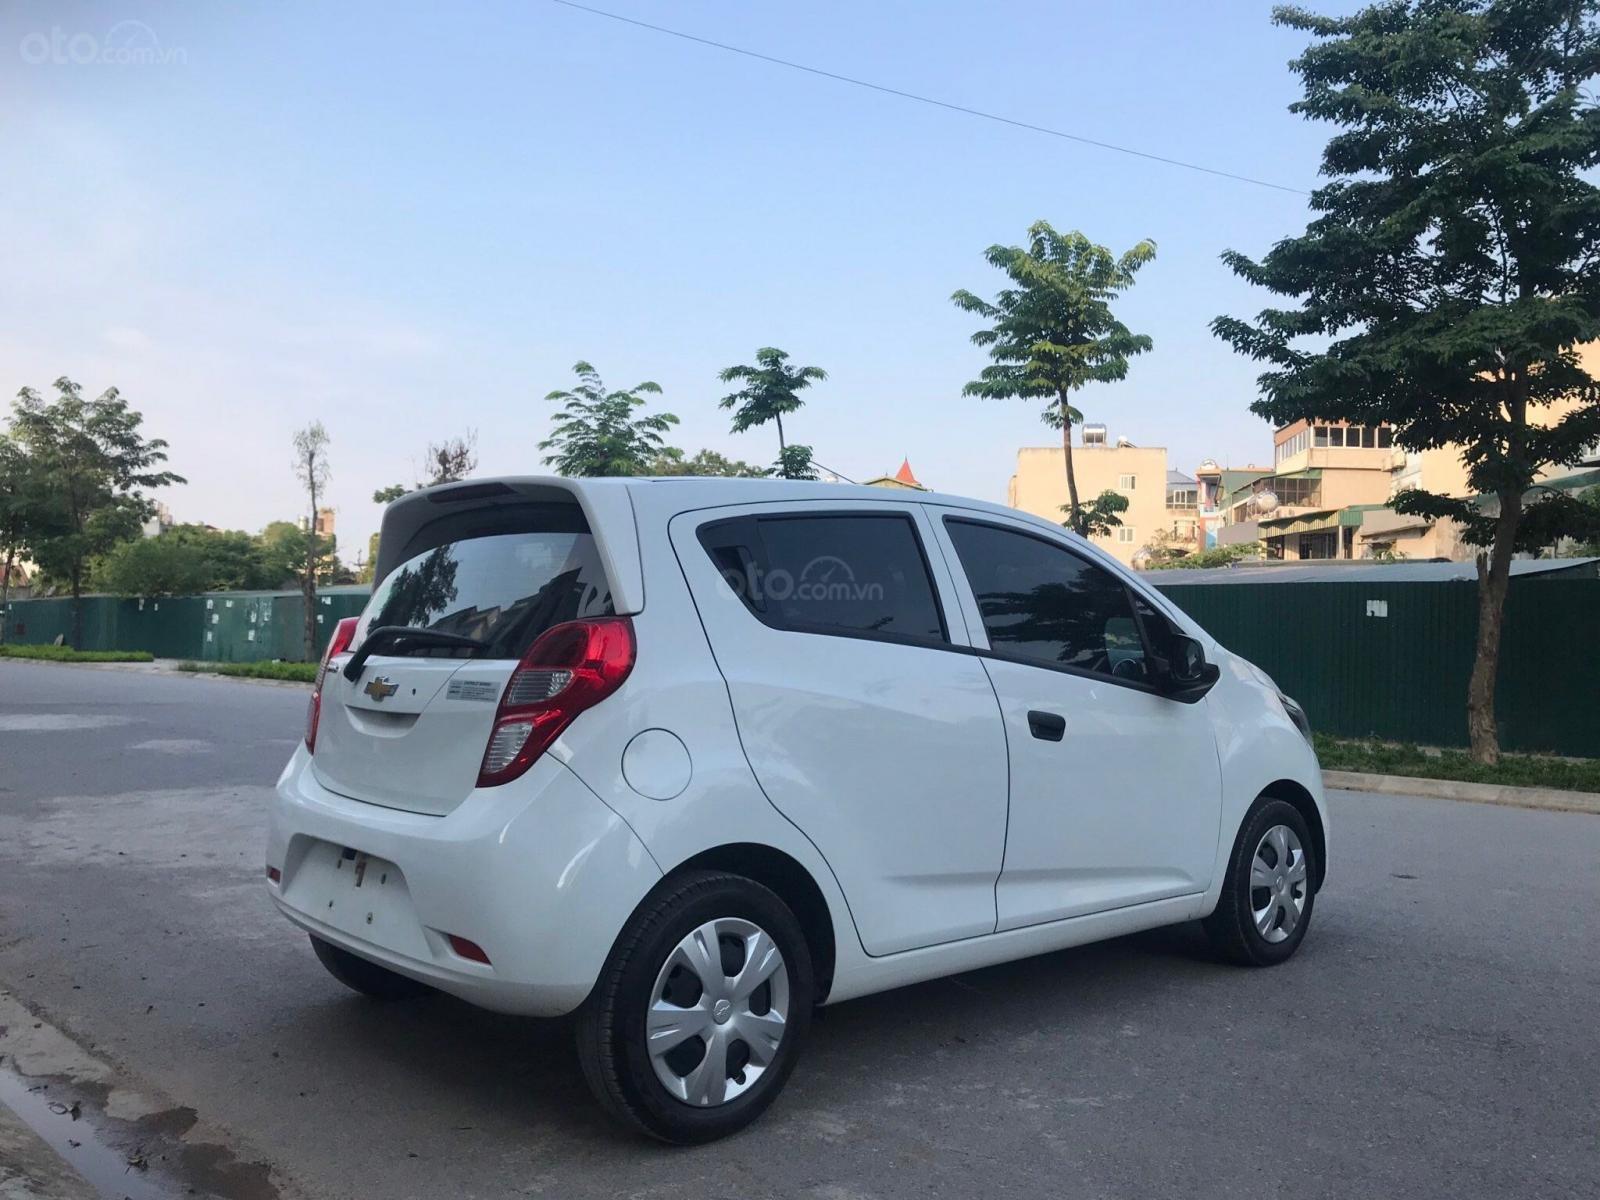 Cần bán gấp Chevrolet Spark đời 2018, màu trắng, rất mới, đi chuẩn 26.000 km (7)